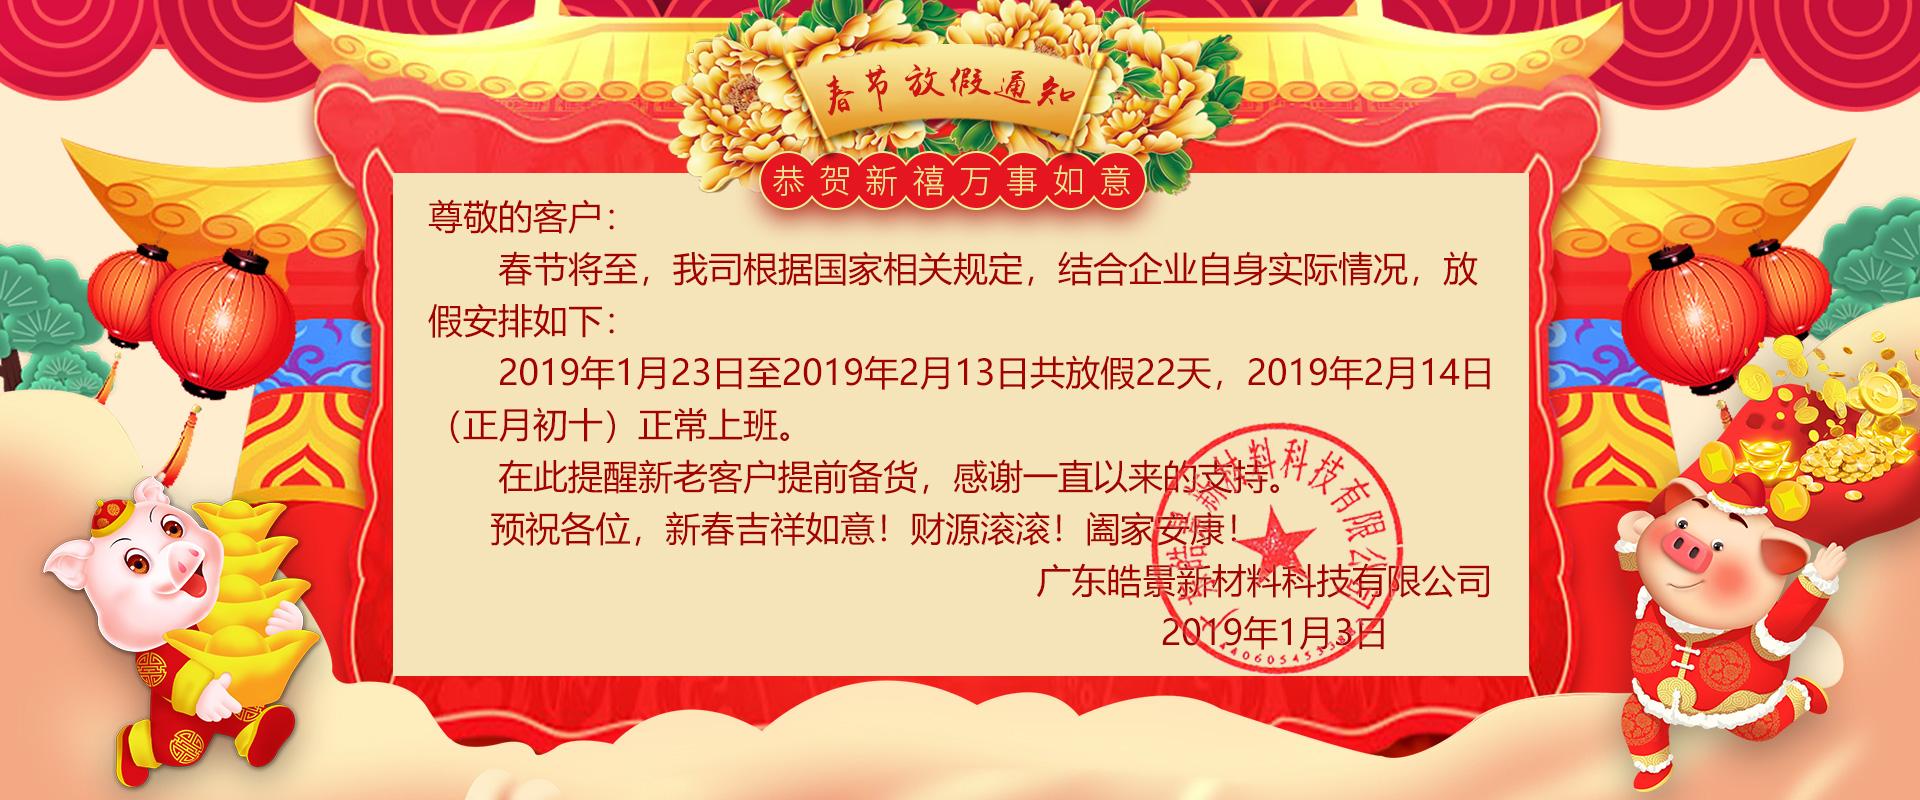 2019年皓景公司春节放假通知